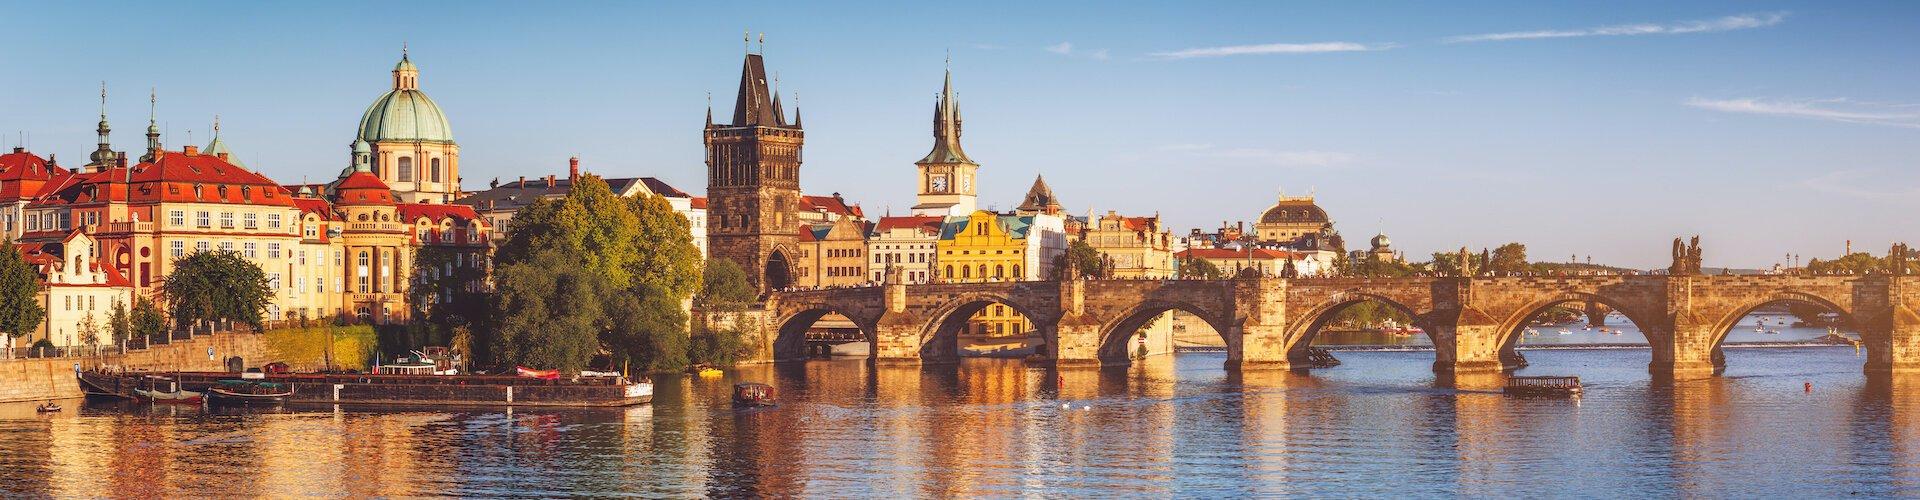 Familienurlaub in Tschechien